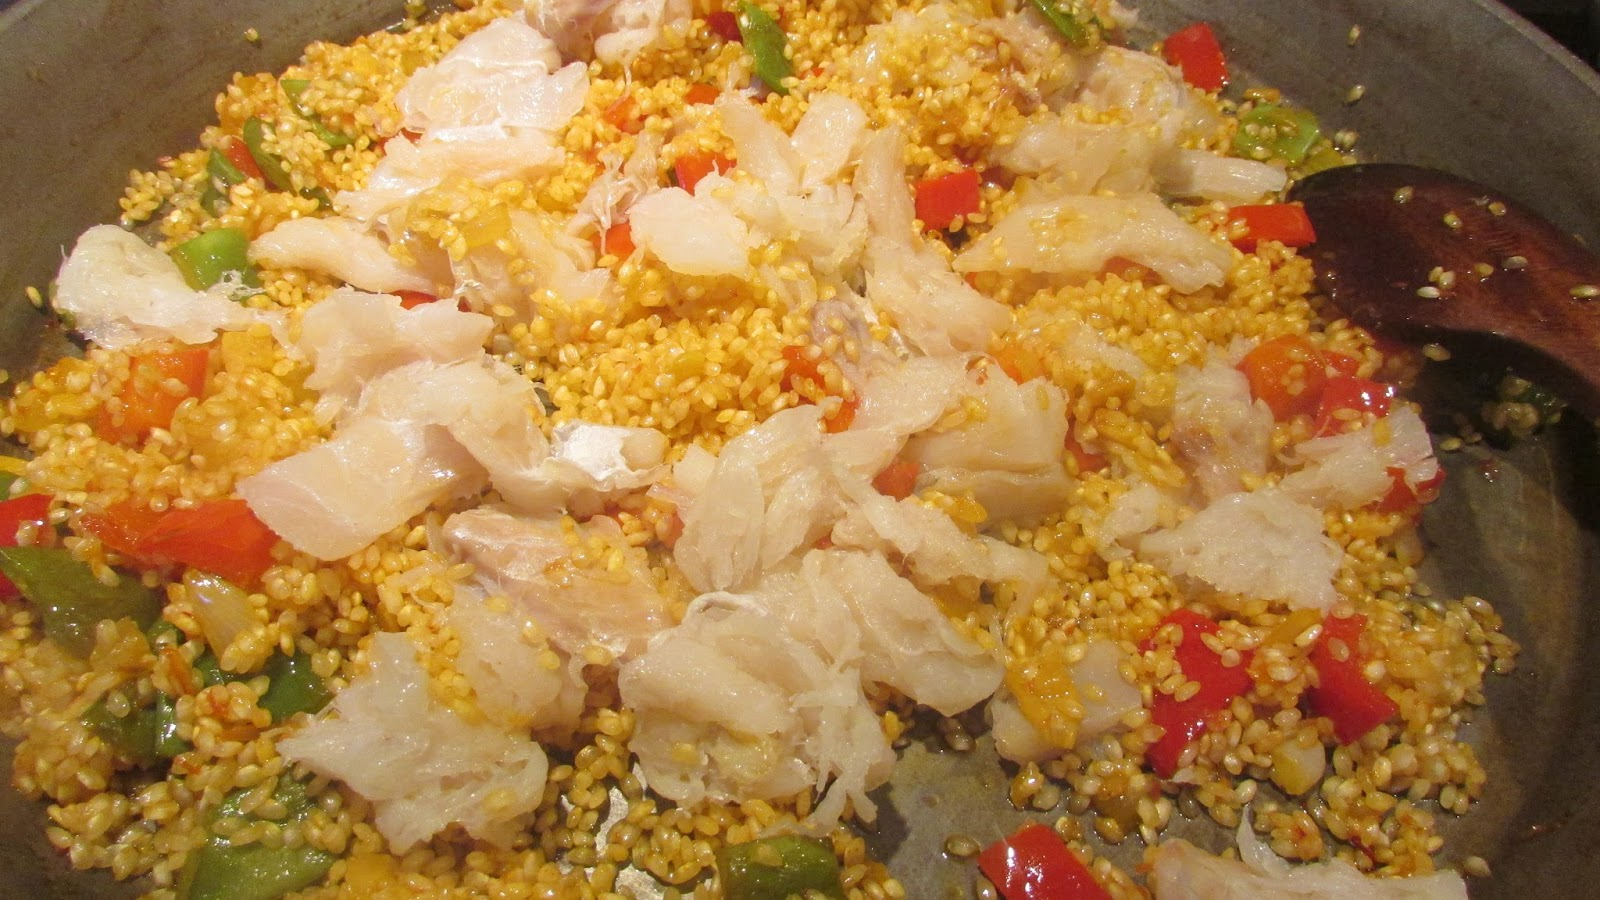 Menuda gachamiga arroz con bacalao y verduras bien rico - Arroz con bacalao desmigado ...